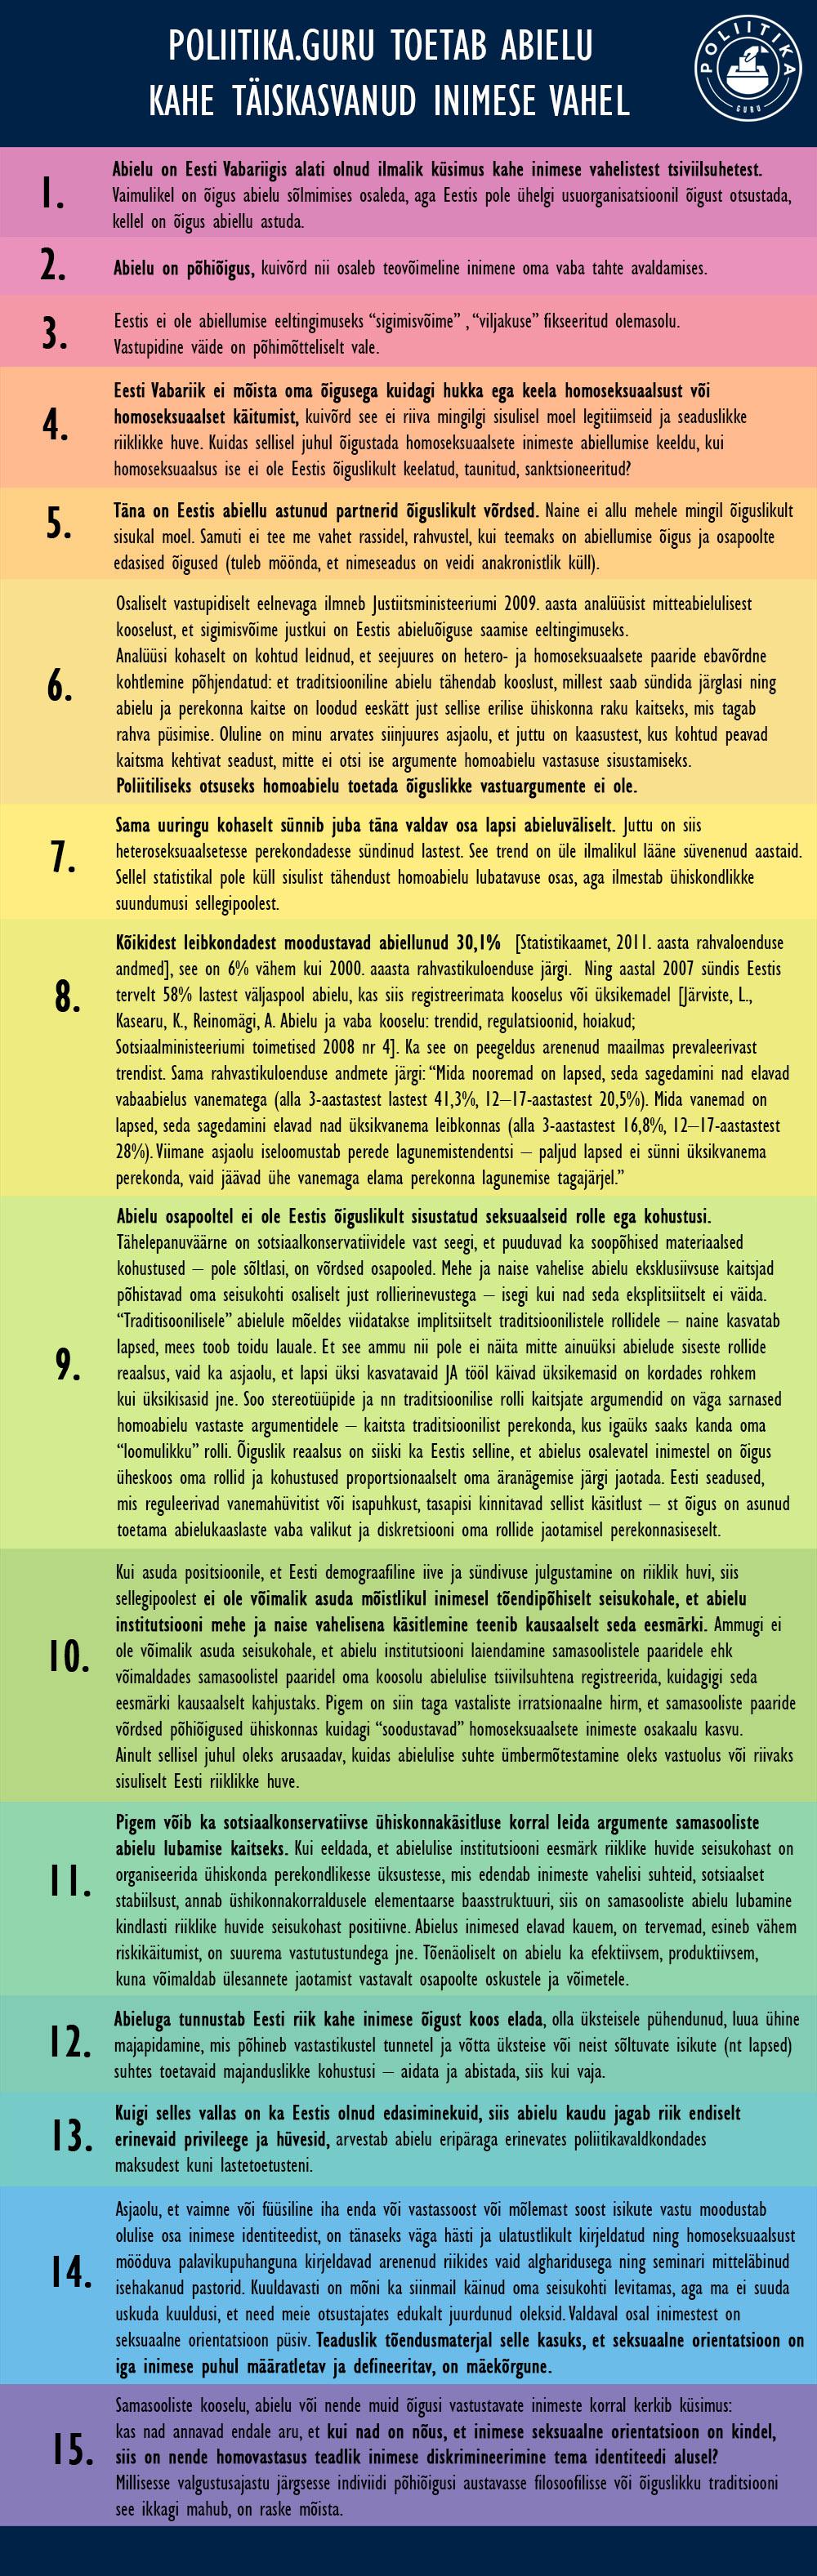 Argumendid homoabielu toetuseksFLAT3